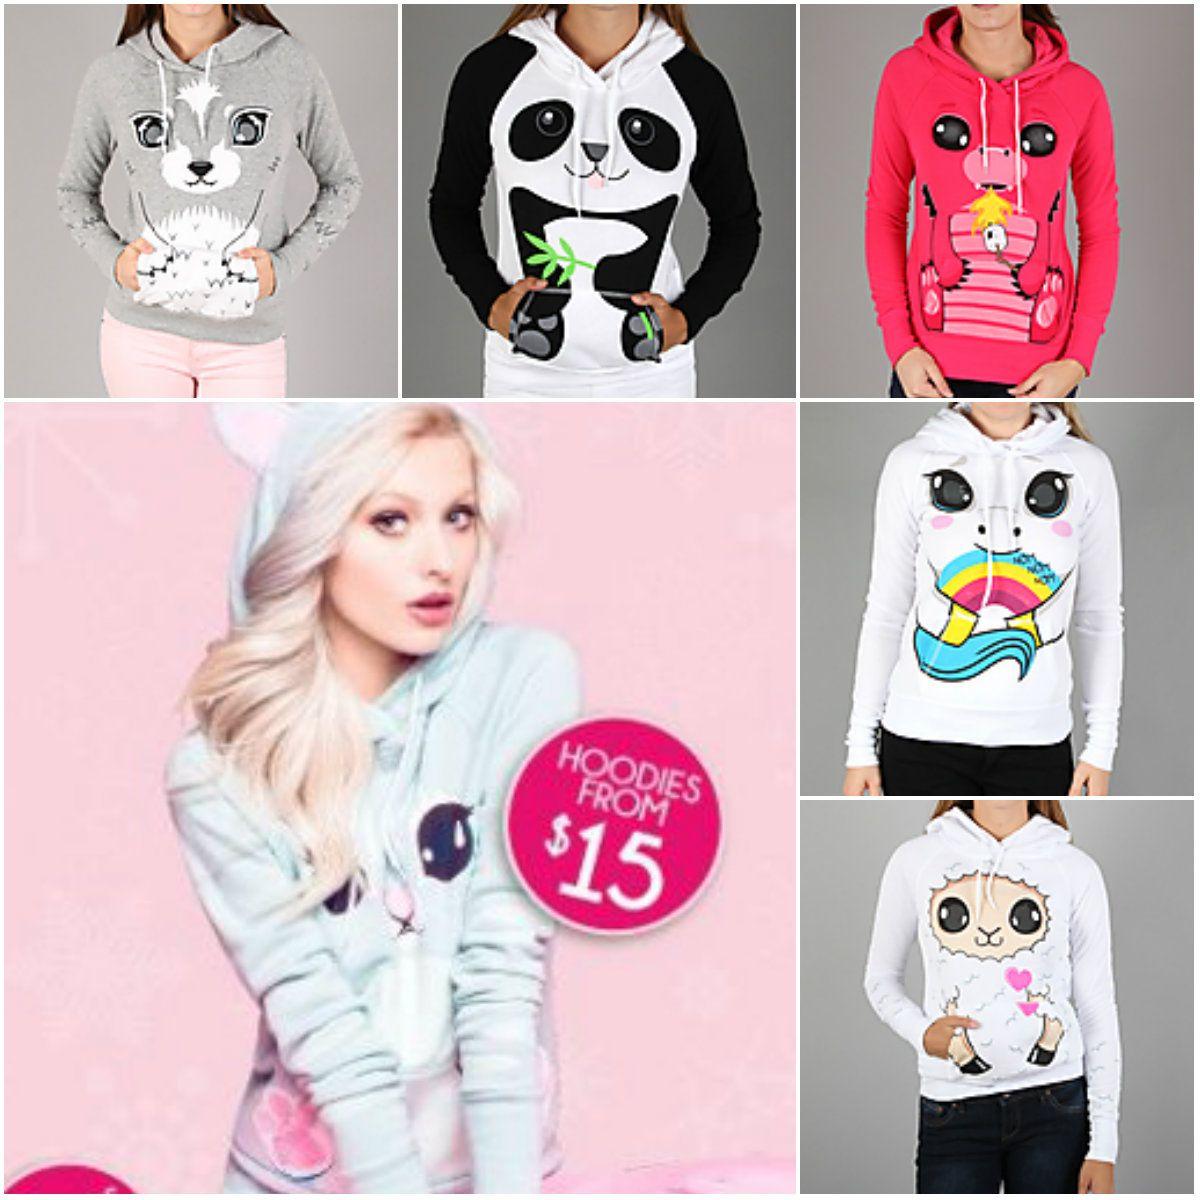 1d4fc8ac Urban Planet's cute animal hoodies! | Cute hoodies in 2019 | Animal ...